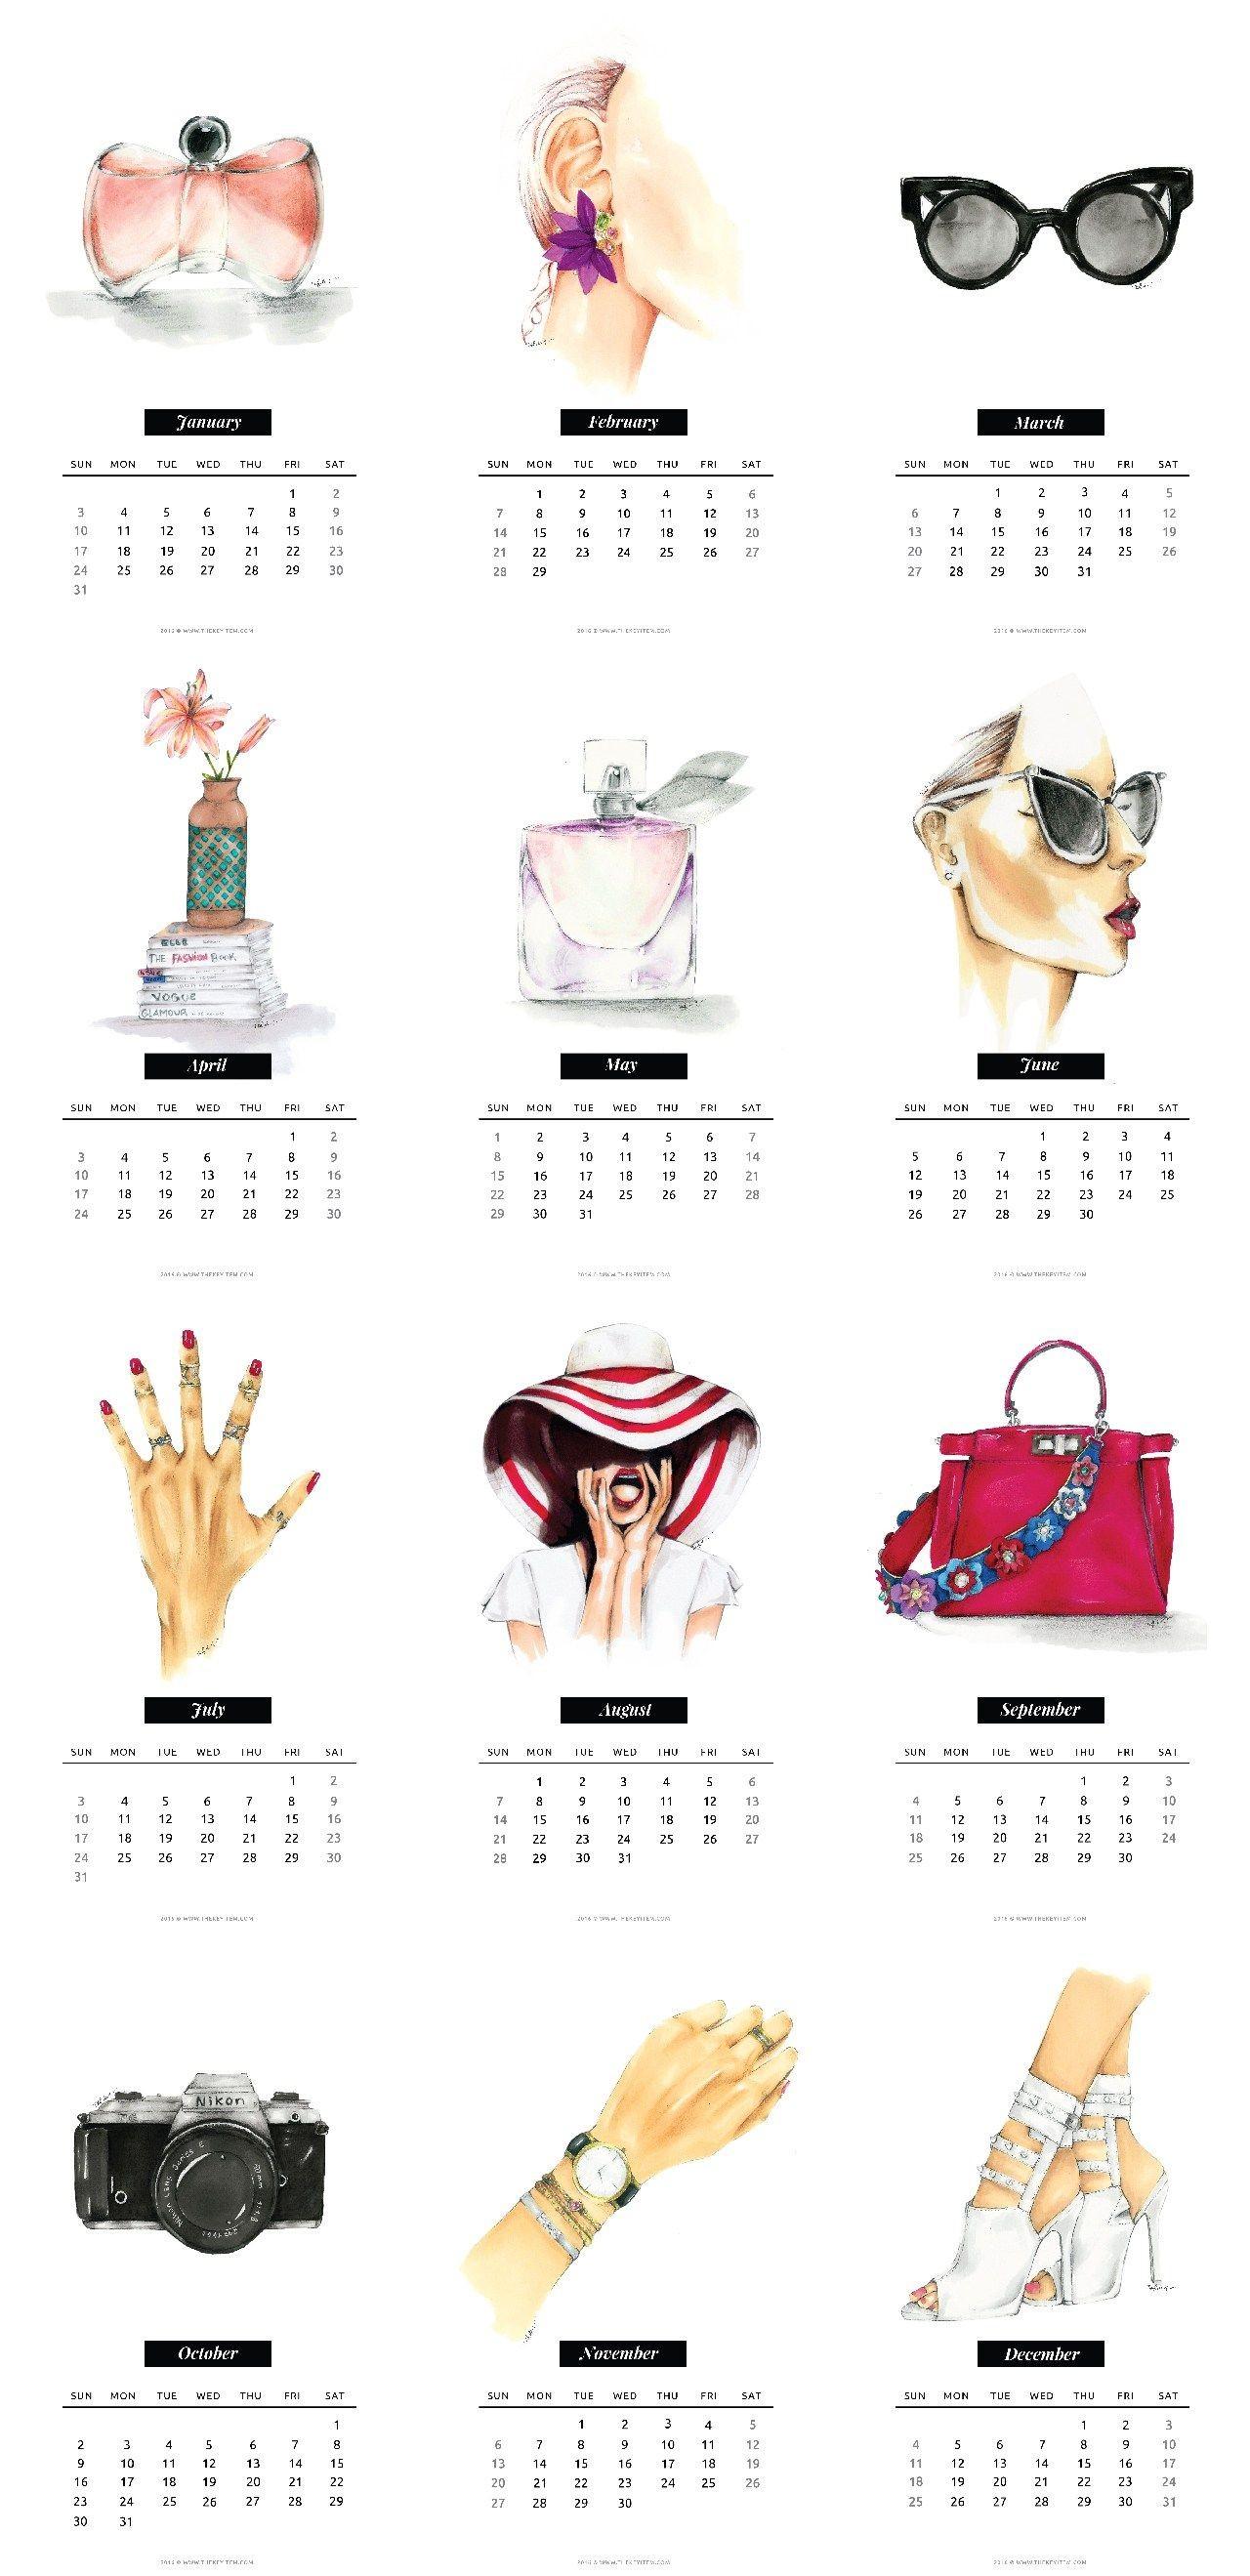 Imprimir Calendario Semestral 2017 Más Arriba-a-fecha Calendario Ilustrado 2016 Gratis Ilustraciones Of Imprimir Calendario Semestral 2017 Más Populares Noticias Calendario 2019 Mexico Icial